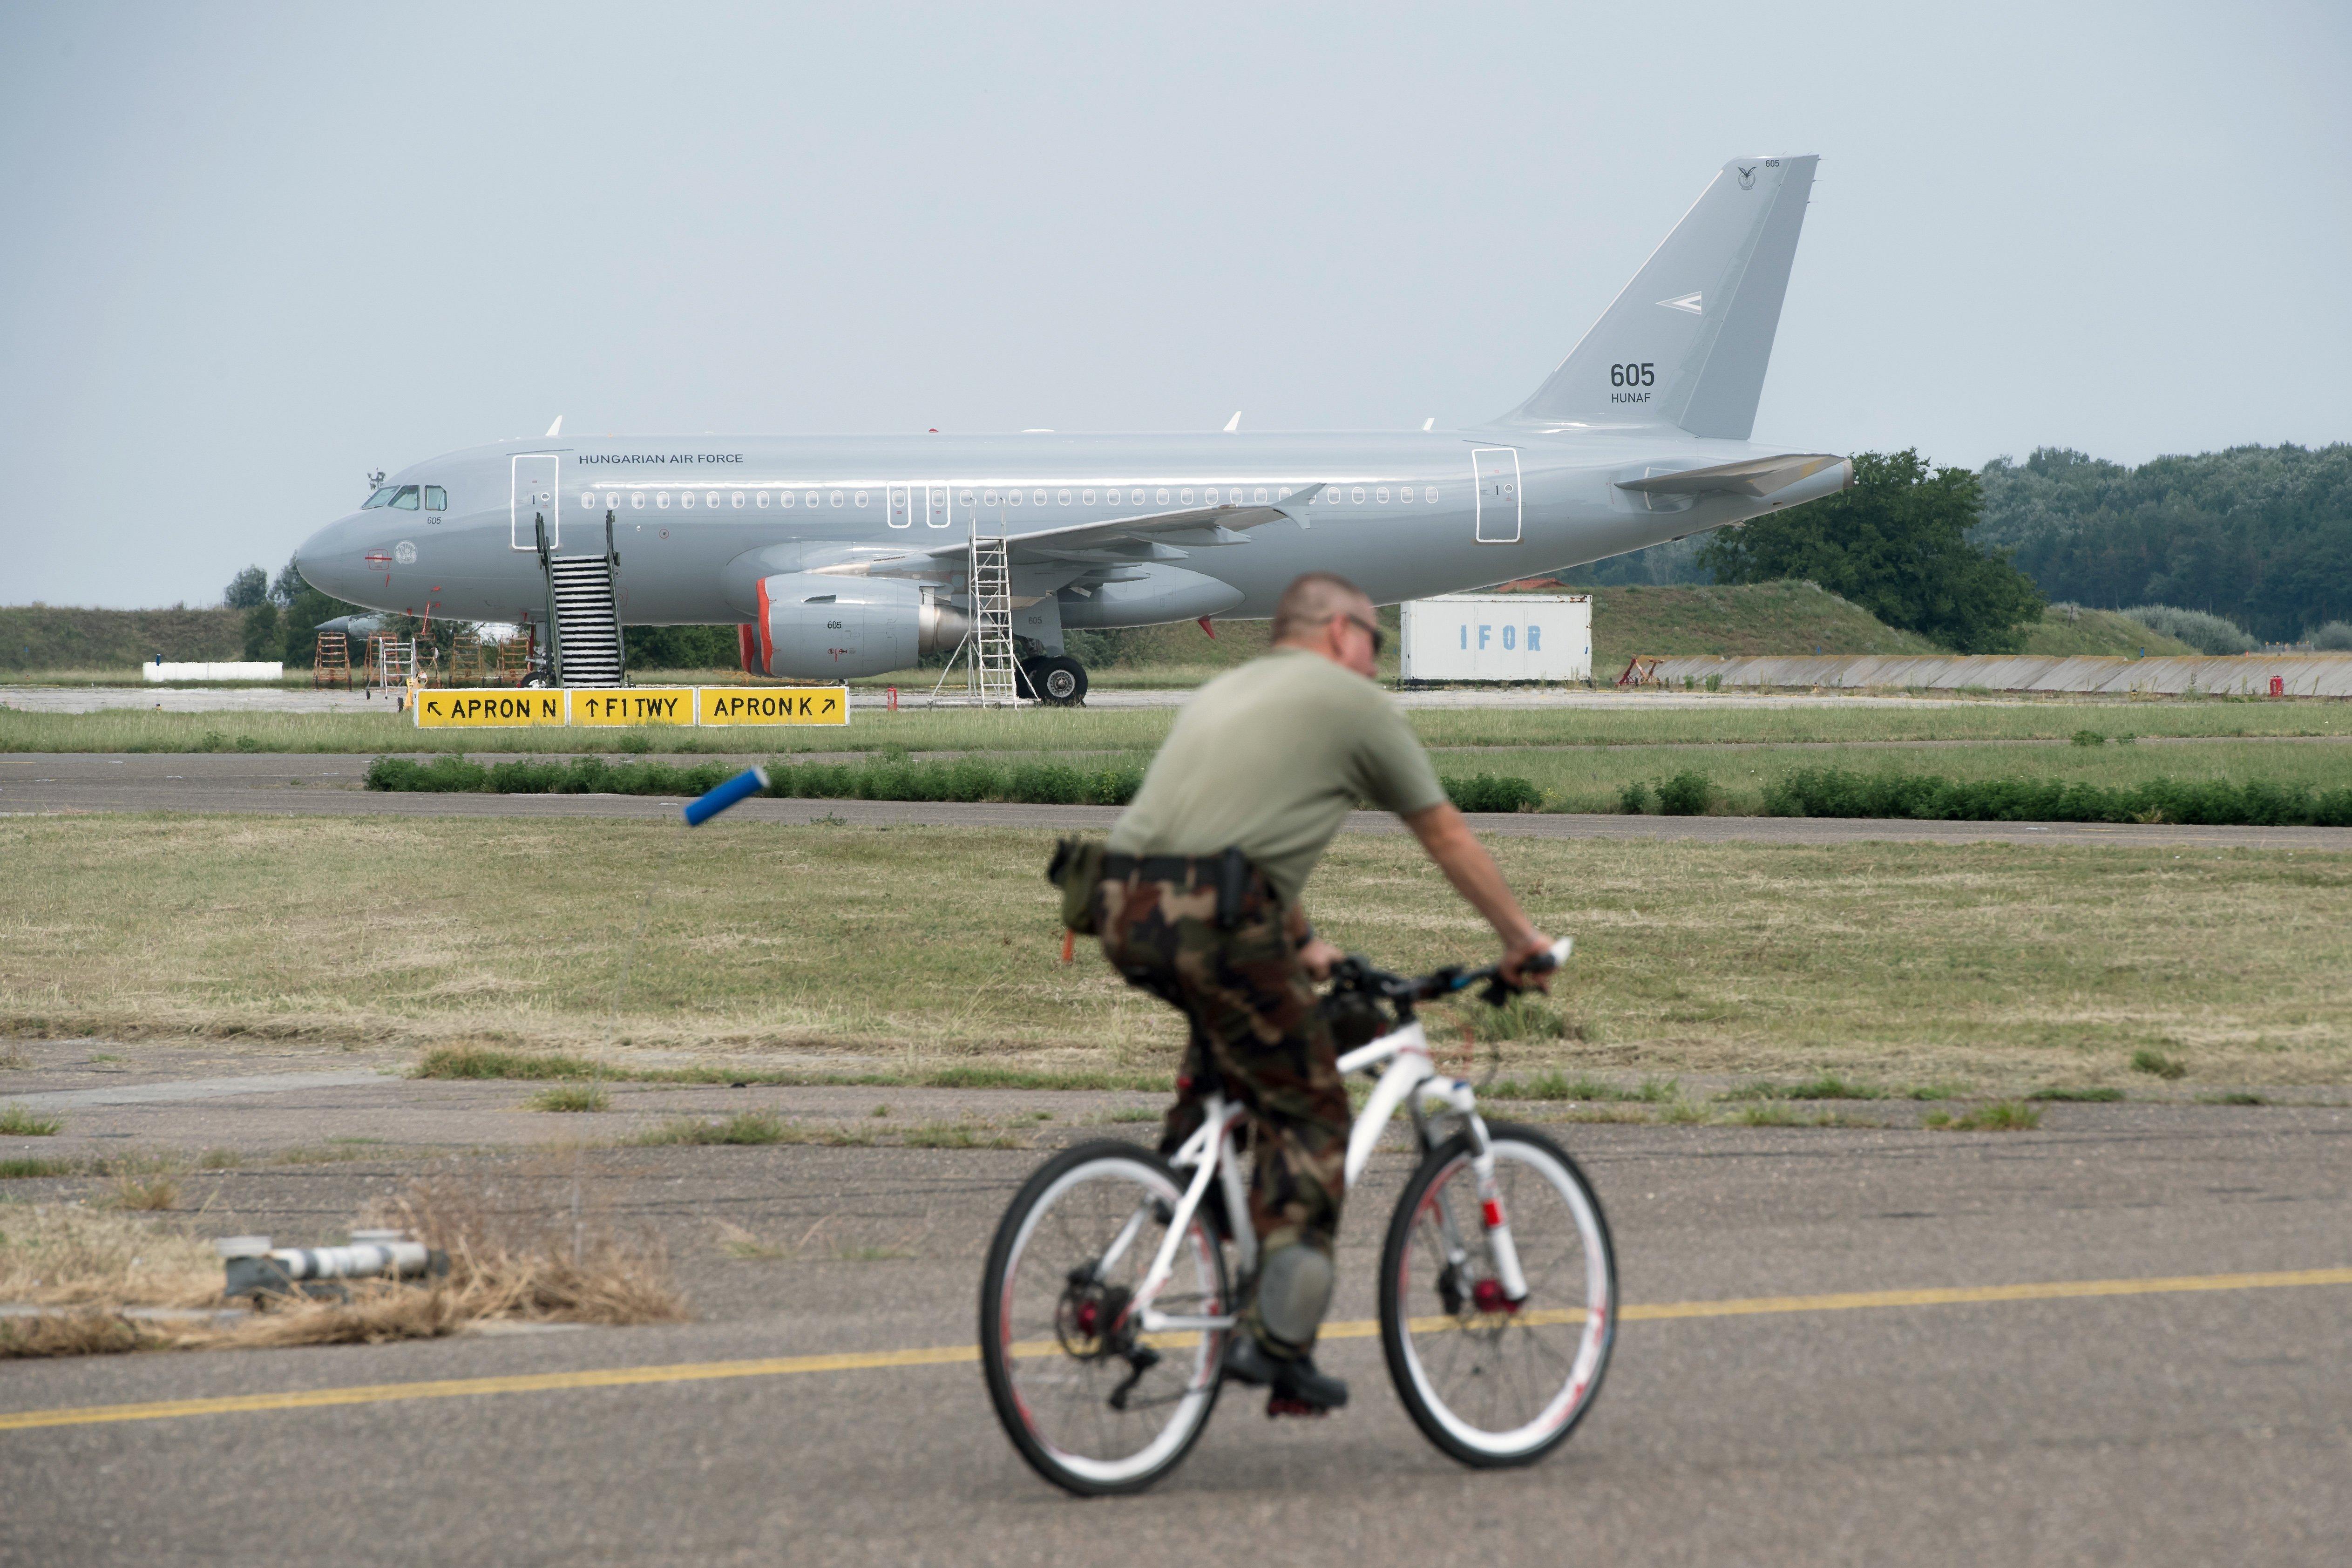 Majdnem 30 millióért is repültek a honvédségi gépek, amiken rendszeresen utaznak állami vezetők